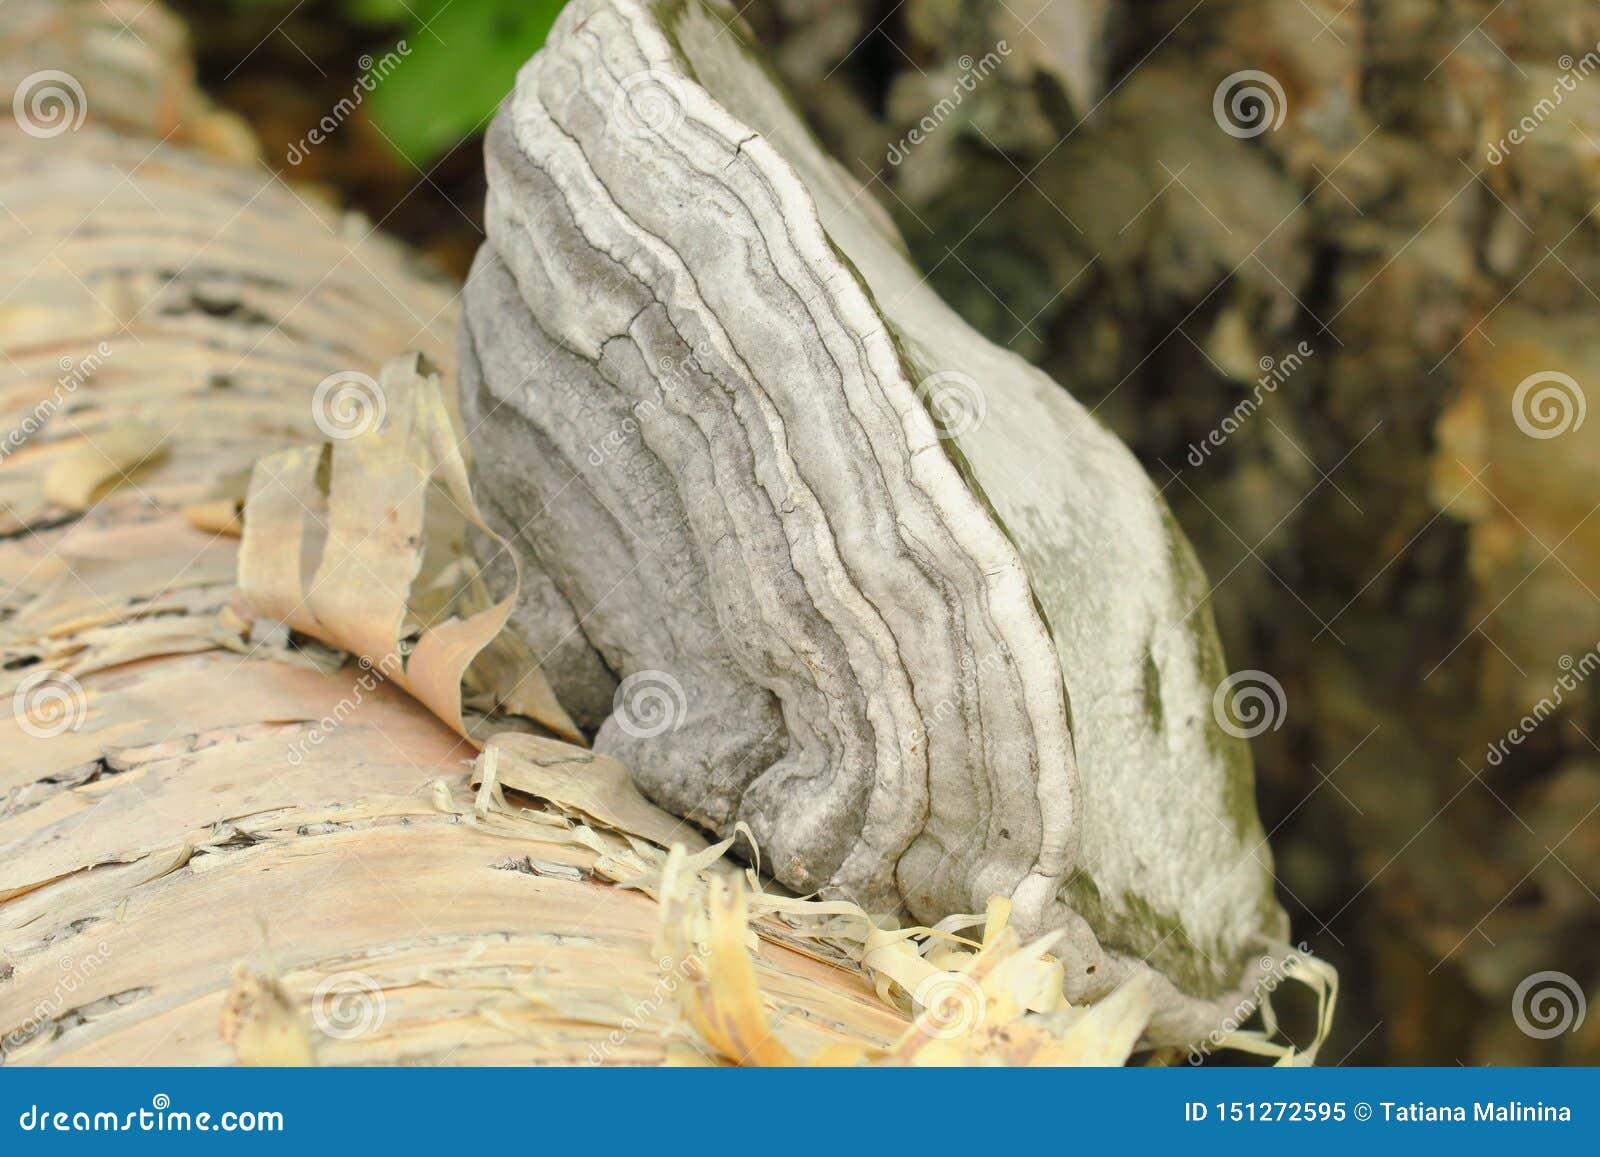 Betulina de Fomitopsis, previamente betulinus de Piptoporus, conhecido como o polypore do vidoeiro, o suporte do vidoeiro, ou o c